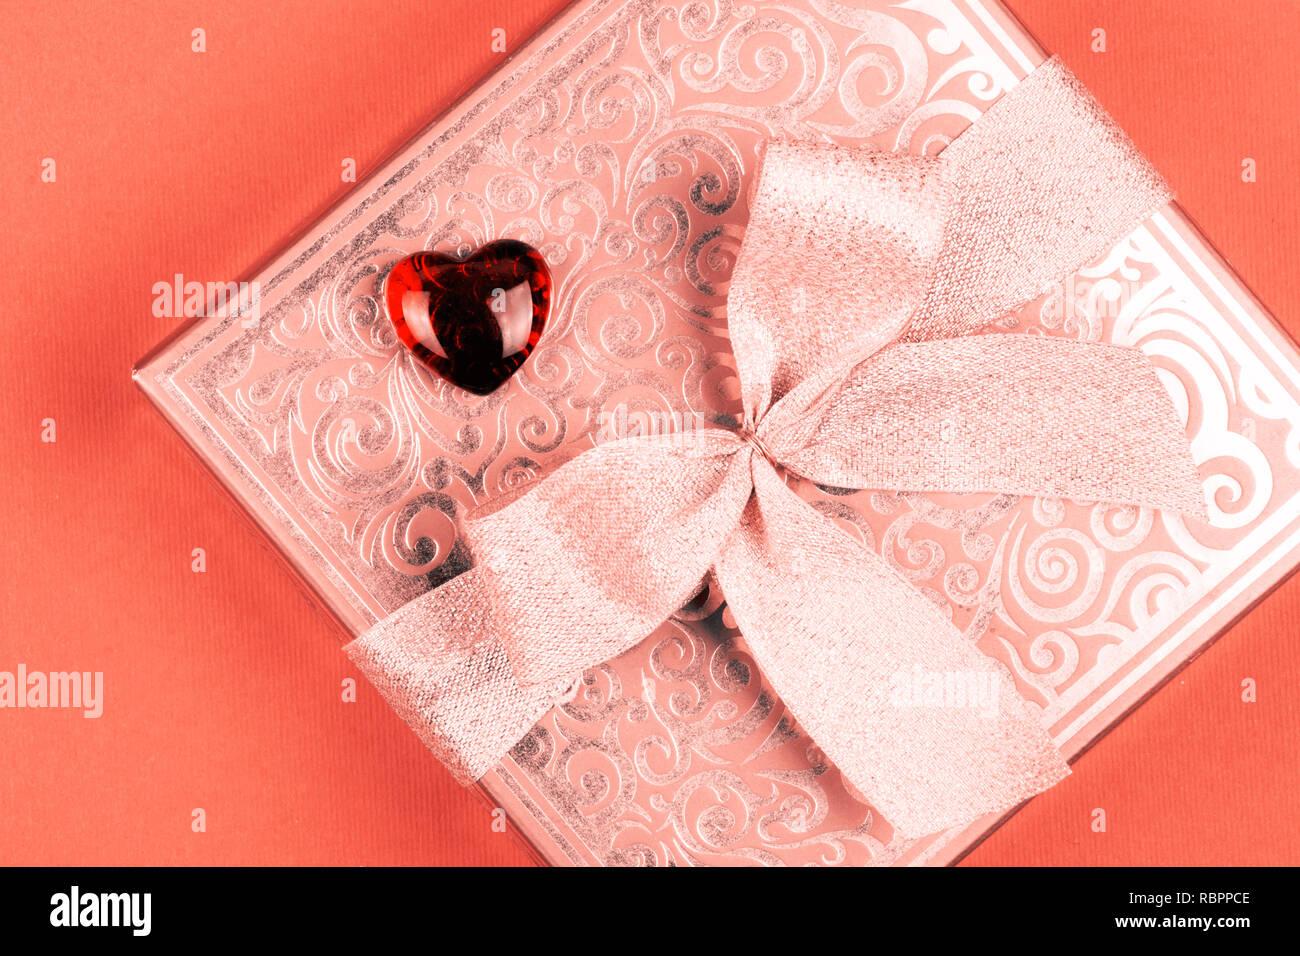 Cadeau ou présent fort avec coeur rouge en couleur de corail vivant pour la Saint-Valentin Photo Stock